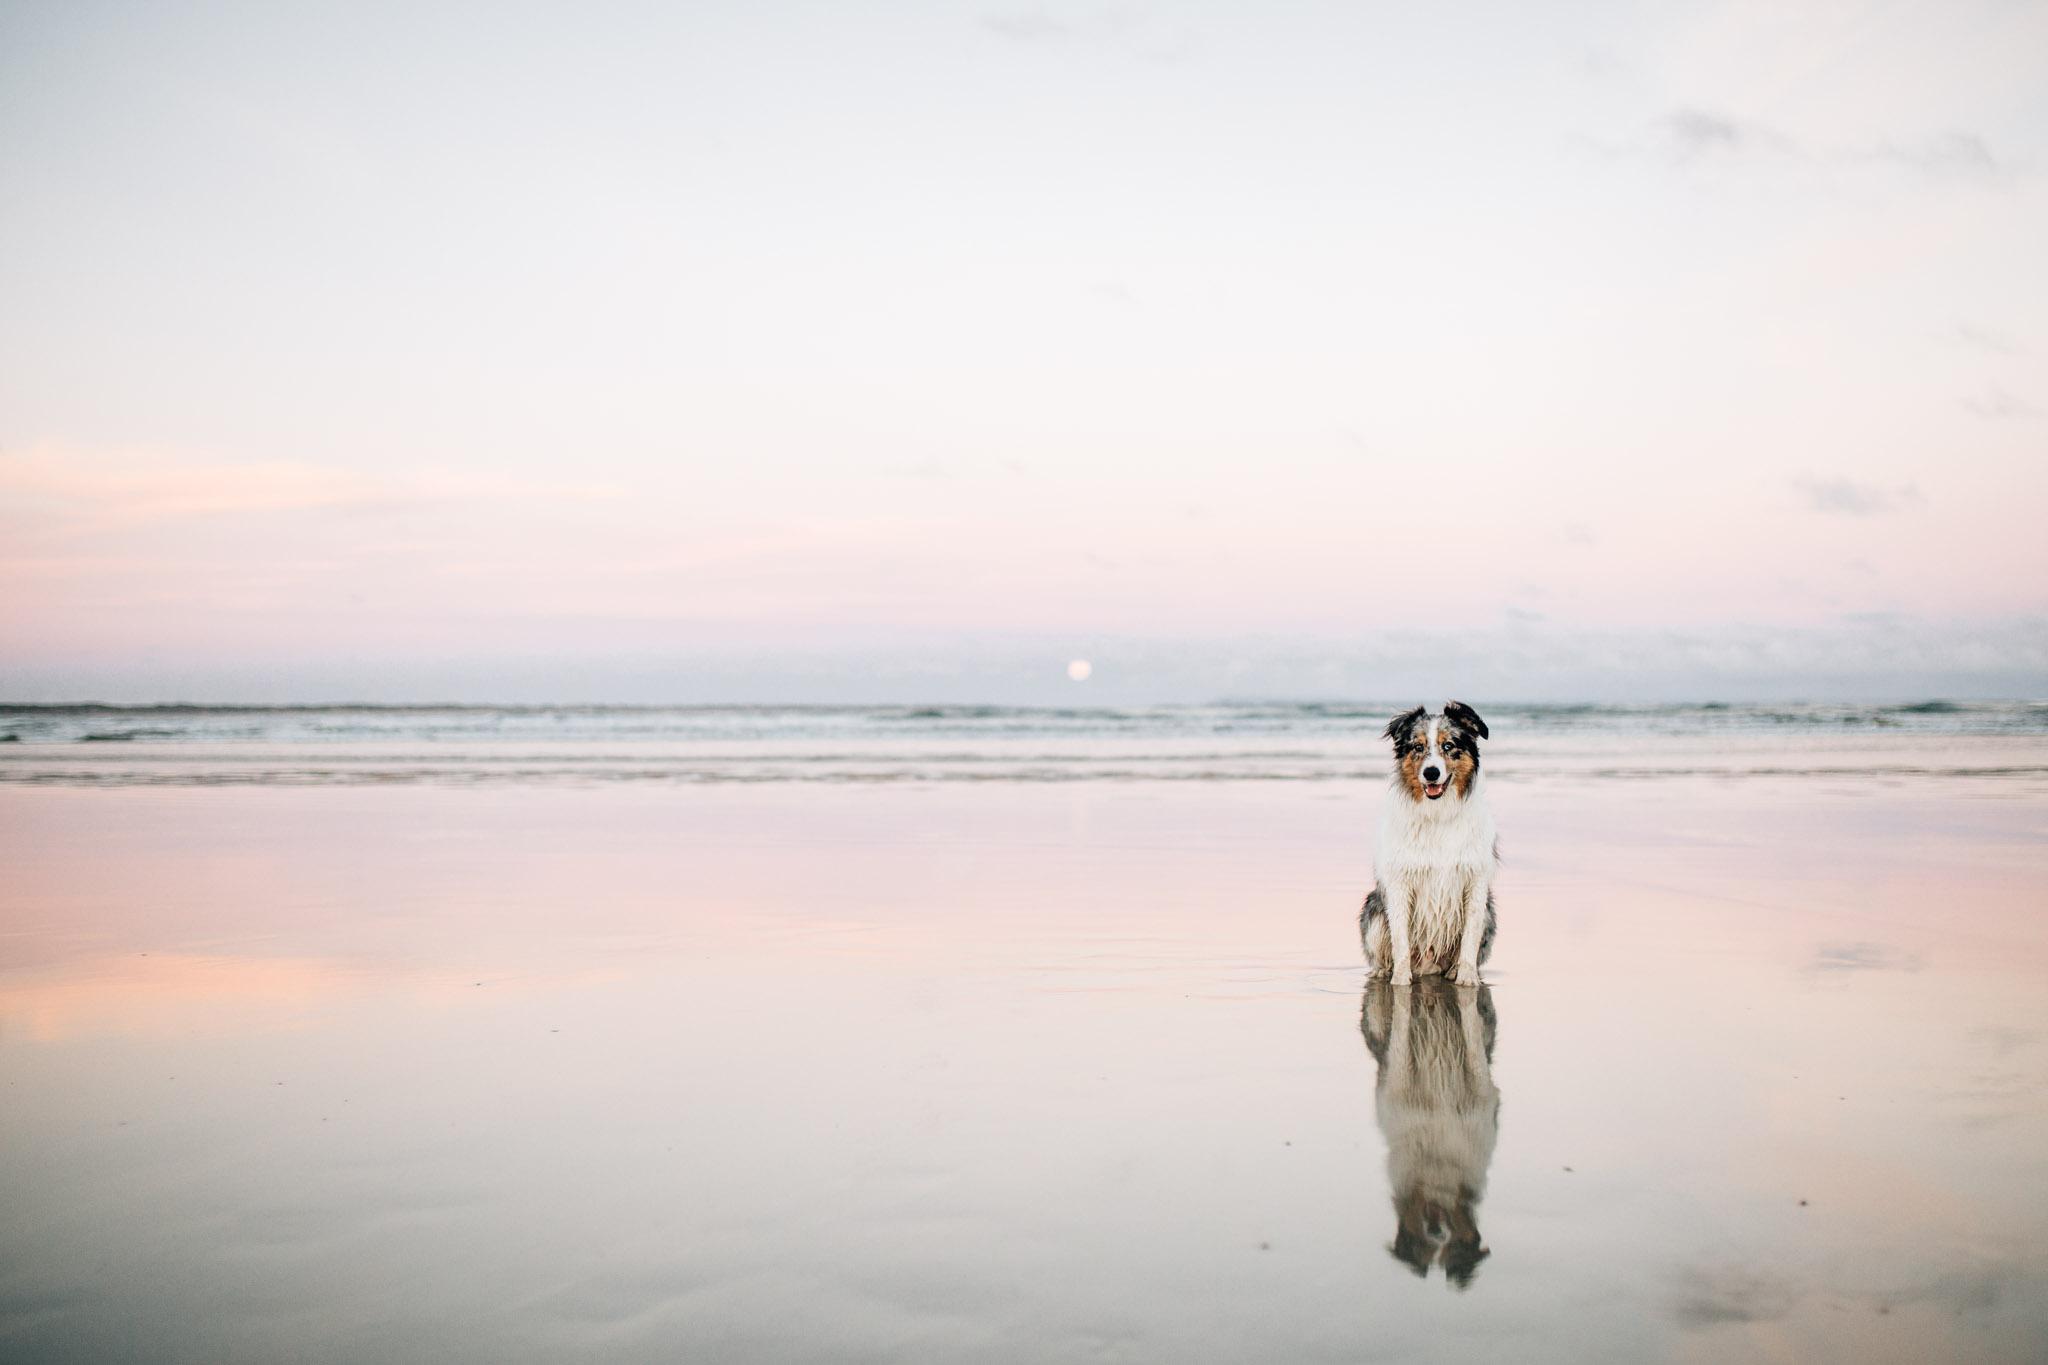 dog-on-wet-sand (1 of 1).jpg